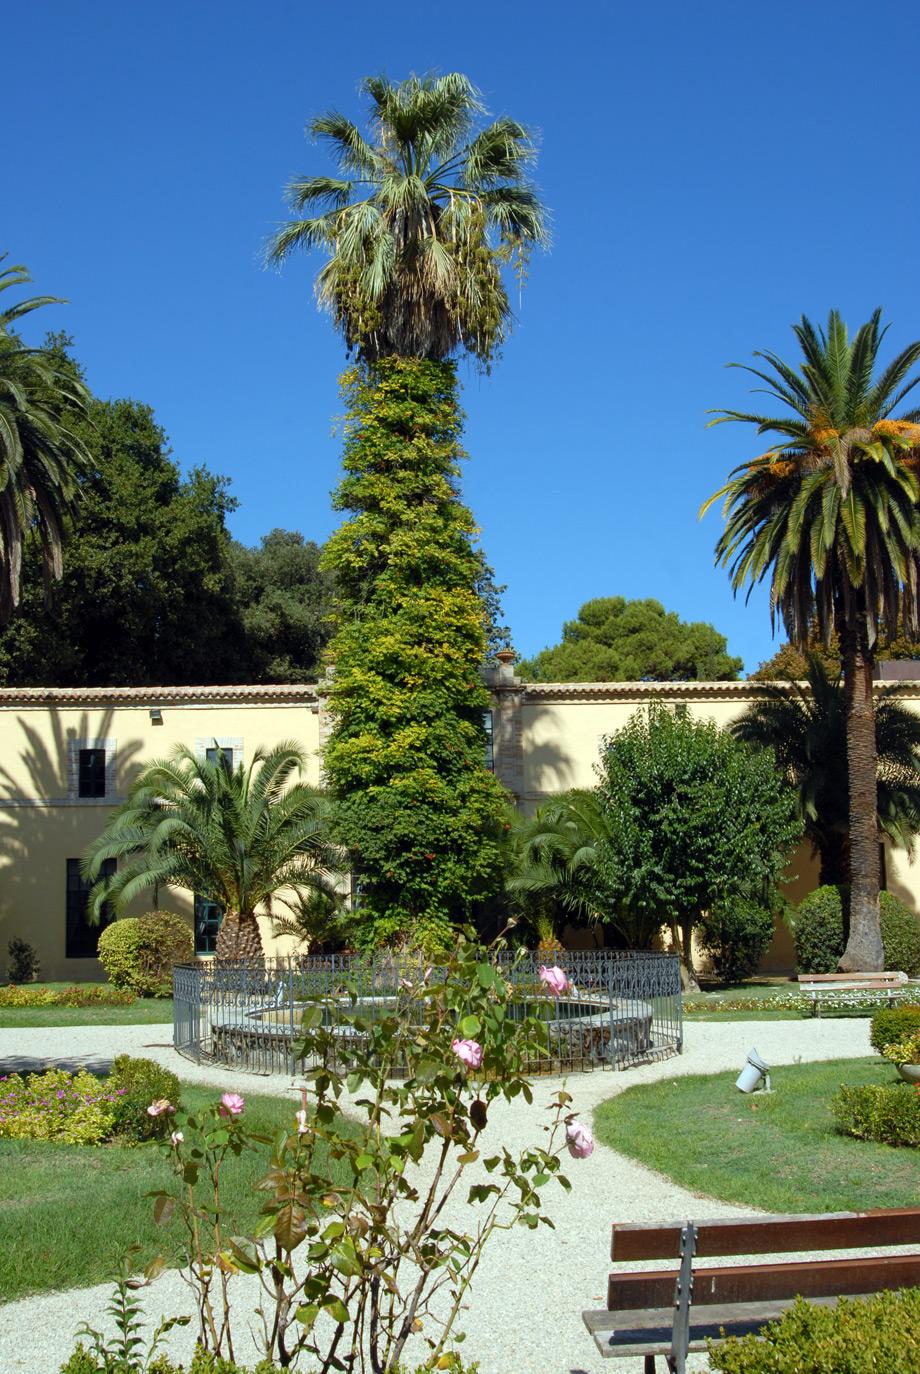 Porto sant 39 elpidio - Ristorante il giardino porto sant elpidio ...